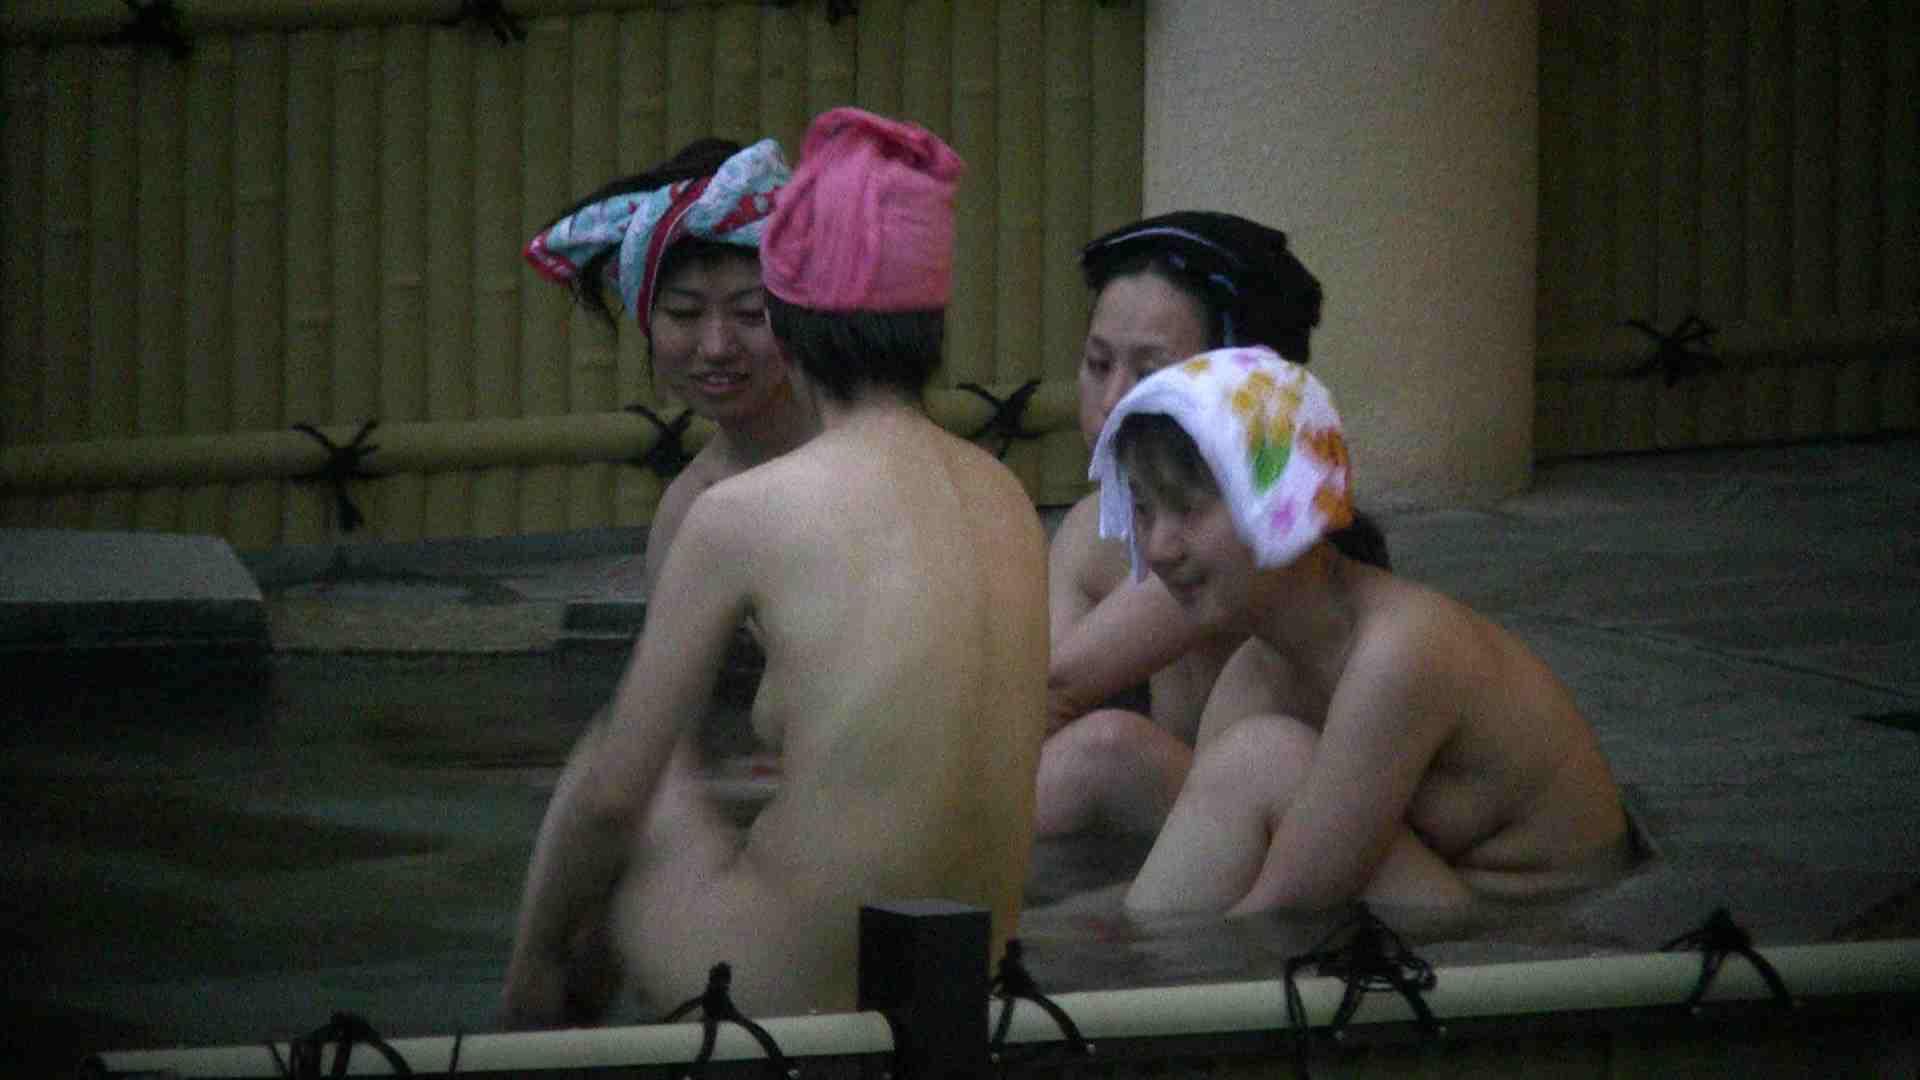 Aquaな露天風呂Vol.149 美しいOLの裸体  101pic 45